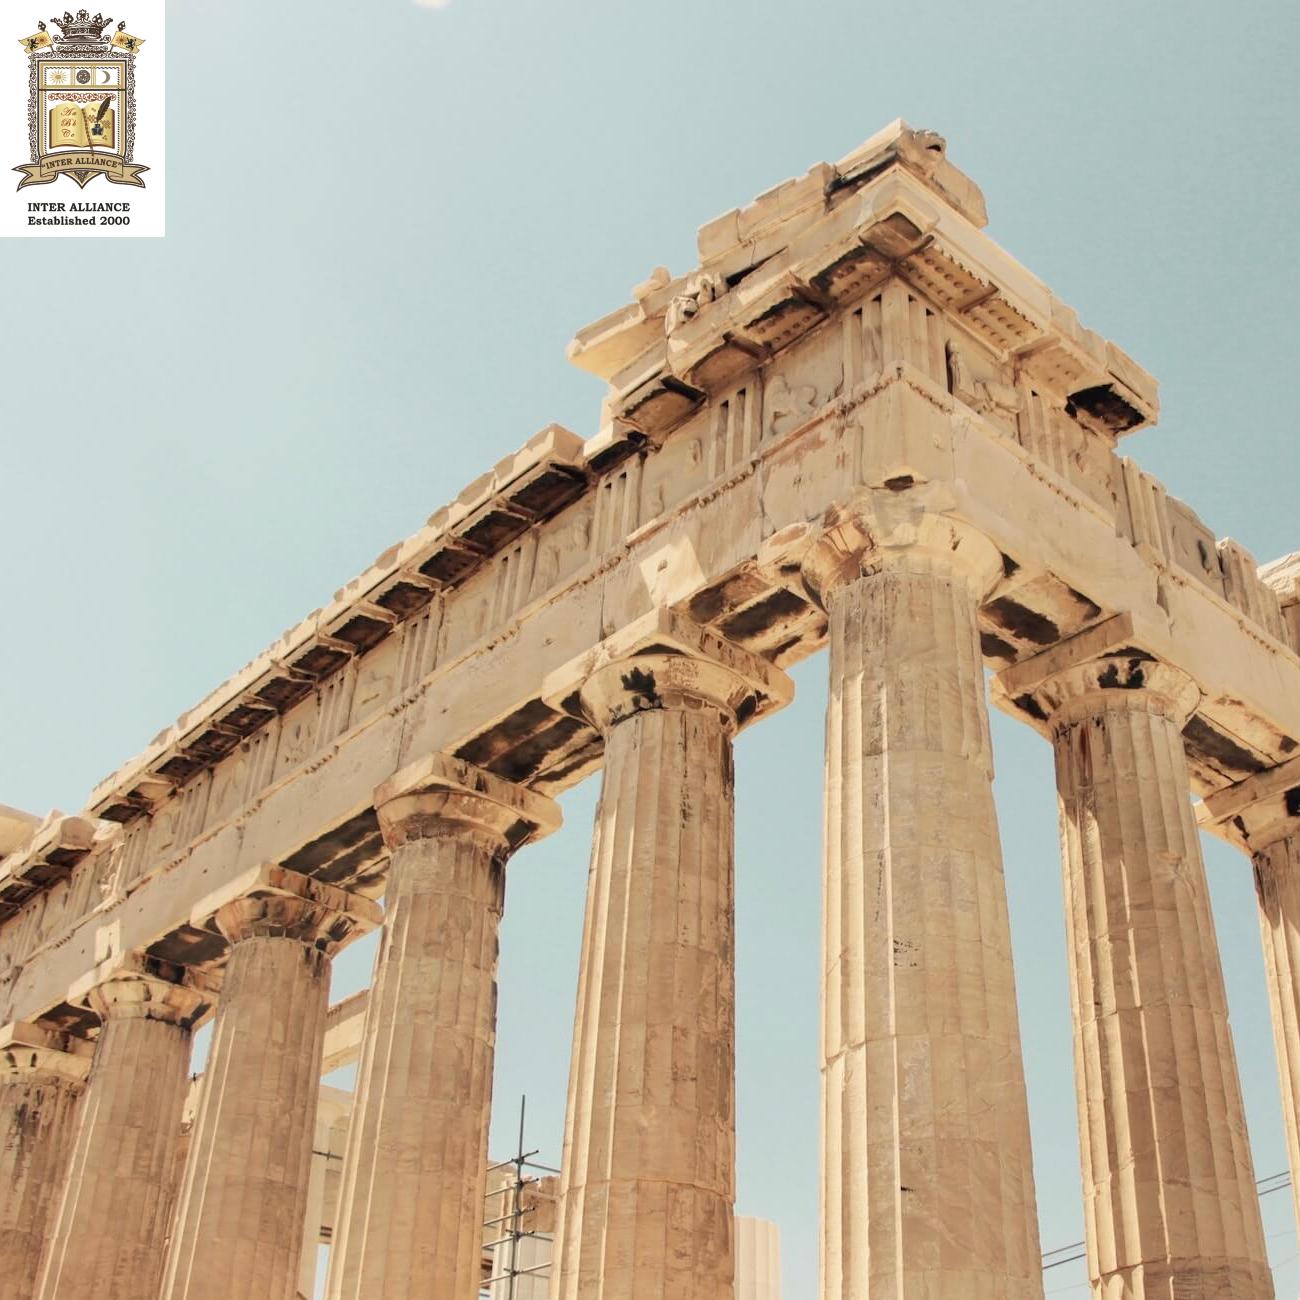 Курс по Гръцки Език от Ниво A1 до C1 от INTER ALLIANCE